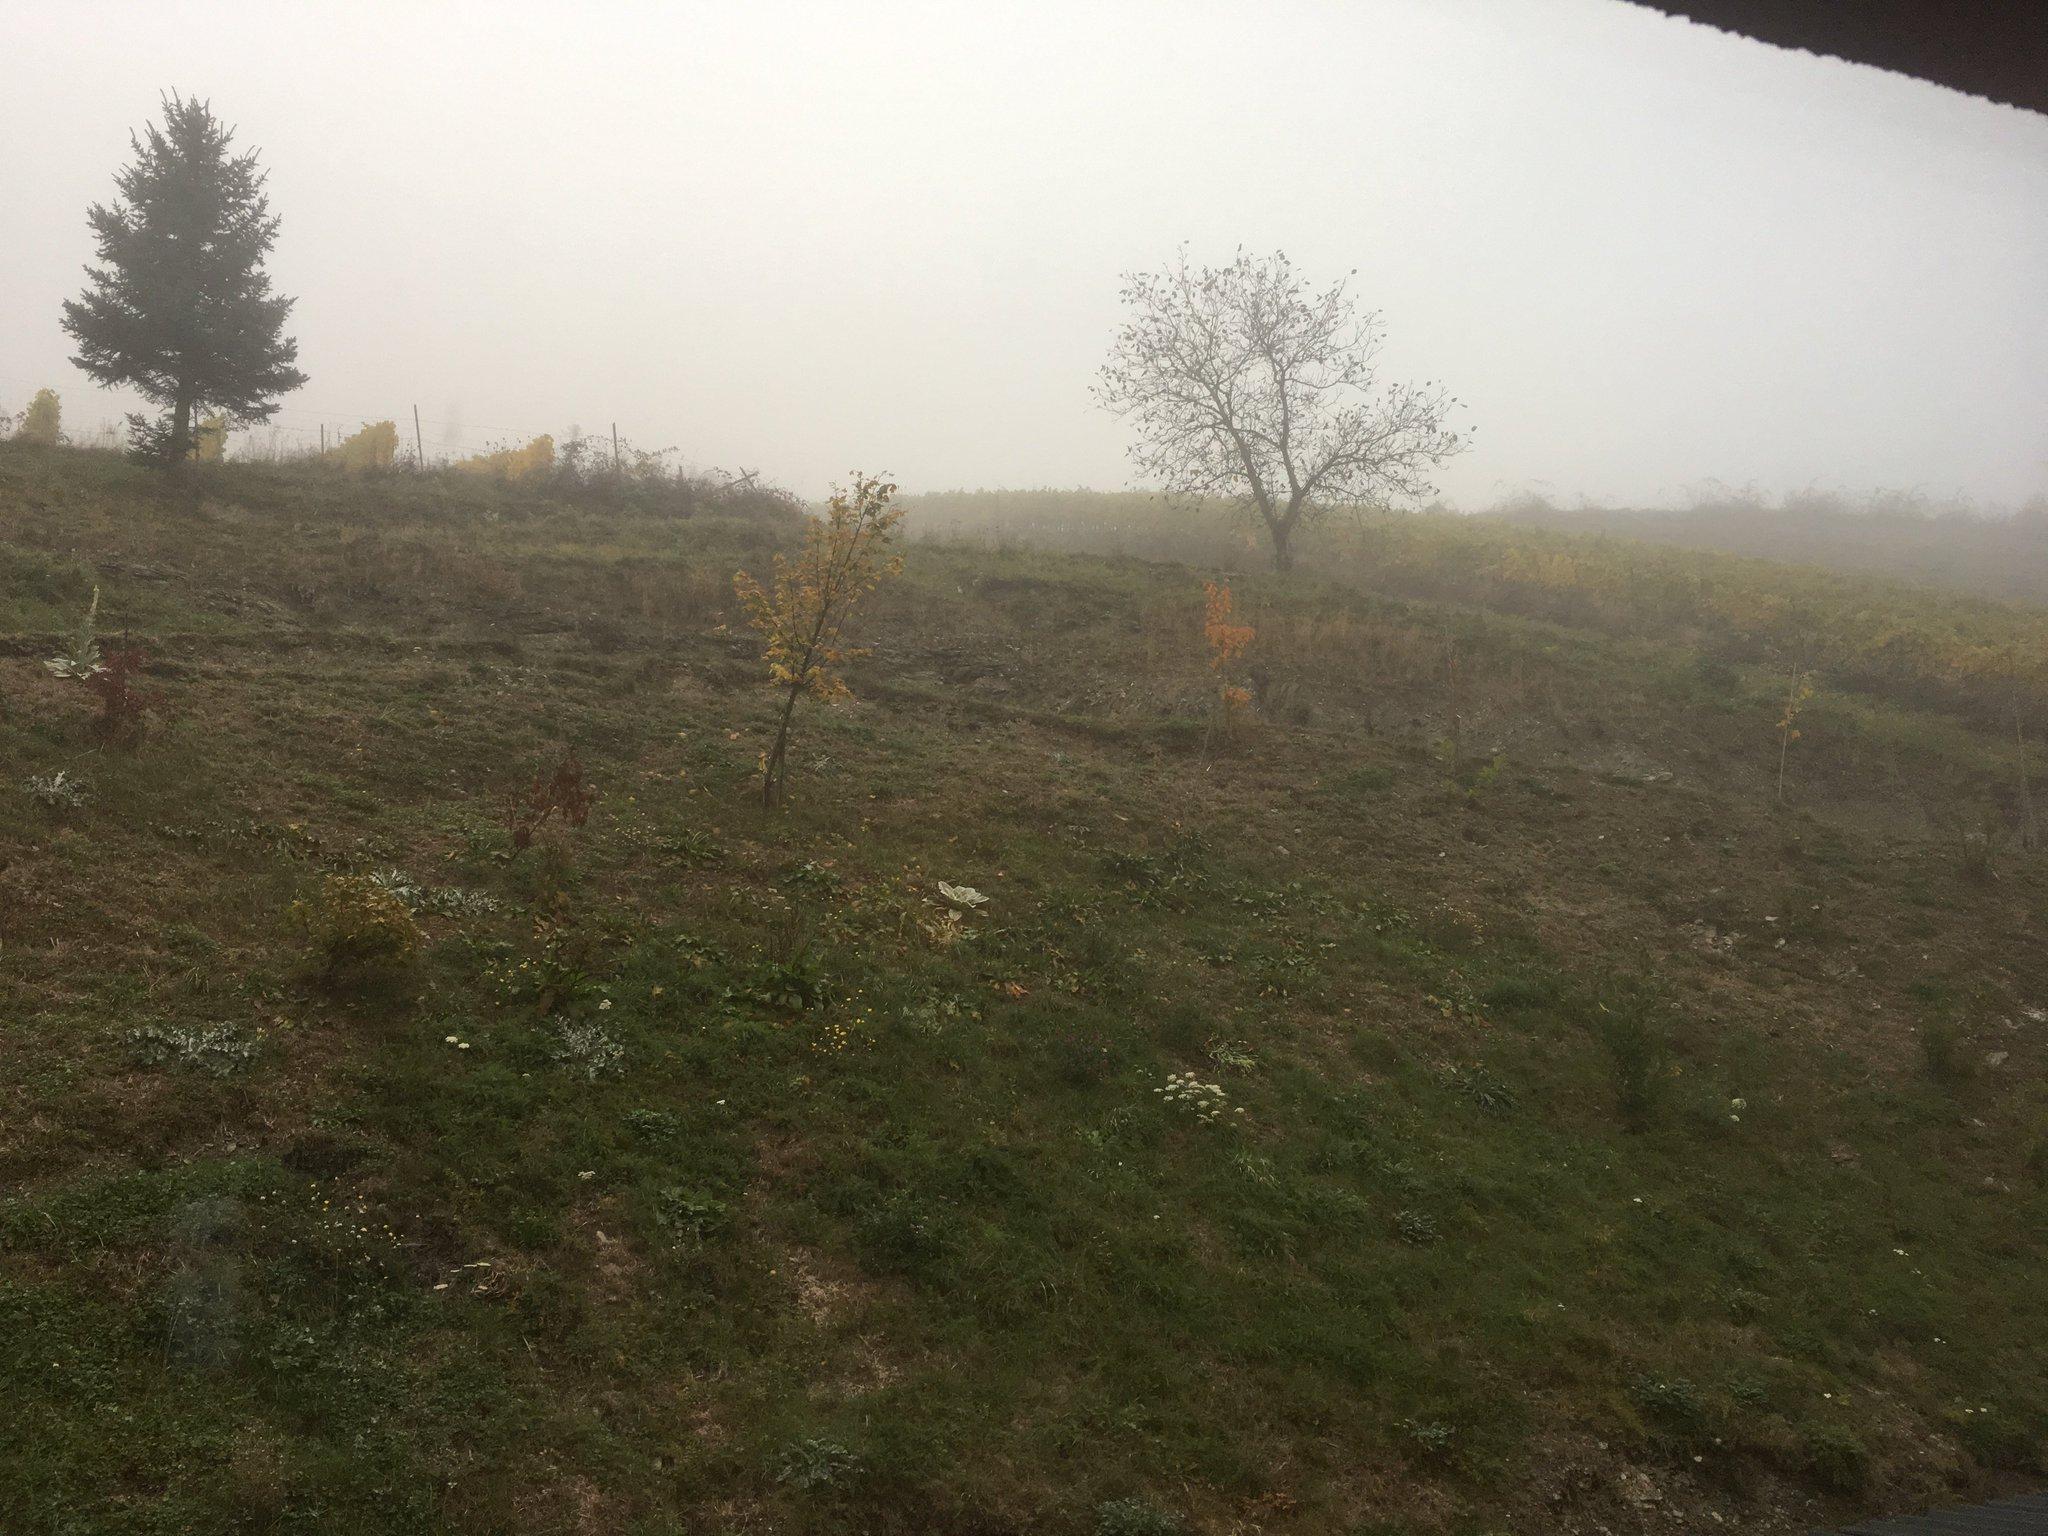 Guten Morgen aus dem Weinbergschlösschen. Noch ist es etwas neblig #meurers #weinbs https://t.co/NjJdtn091x